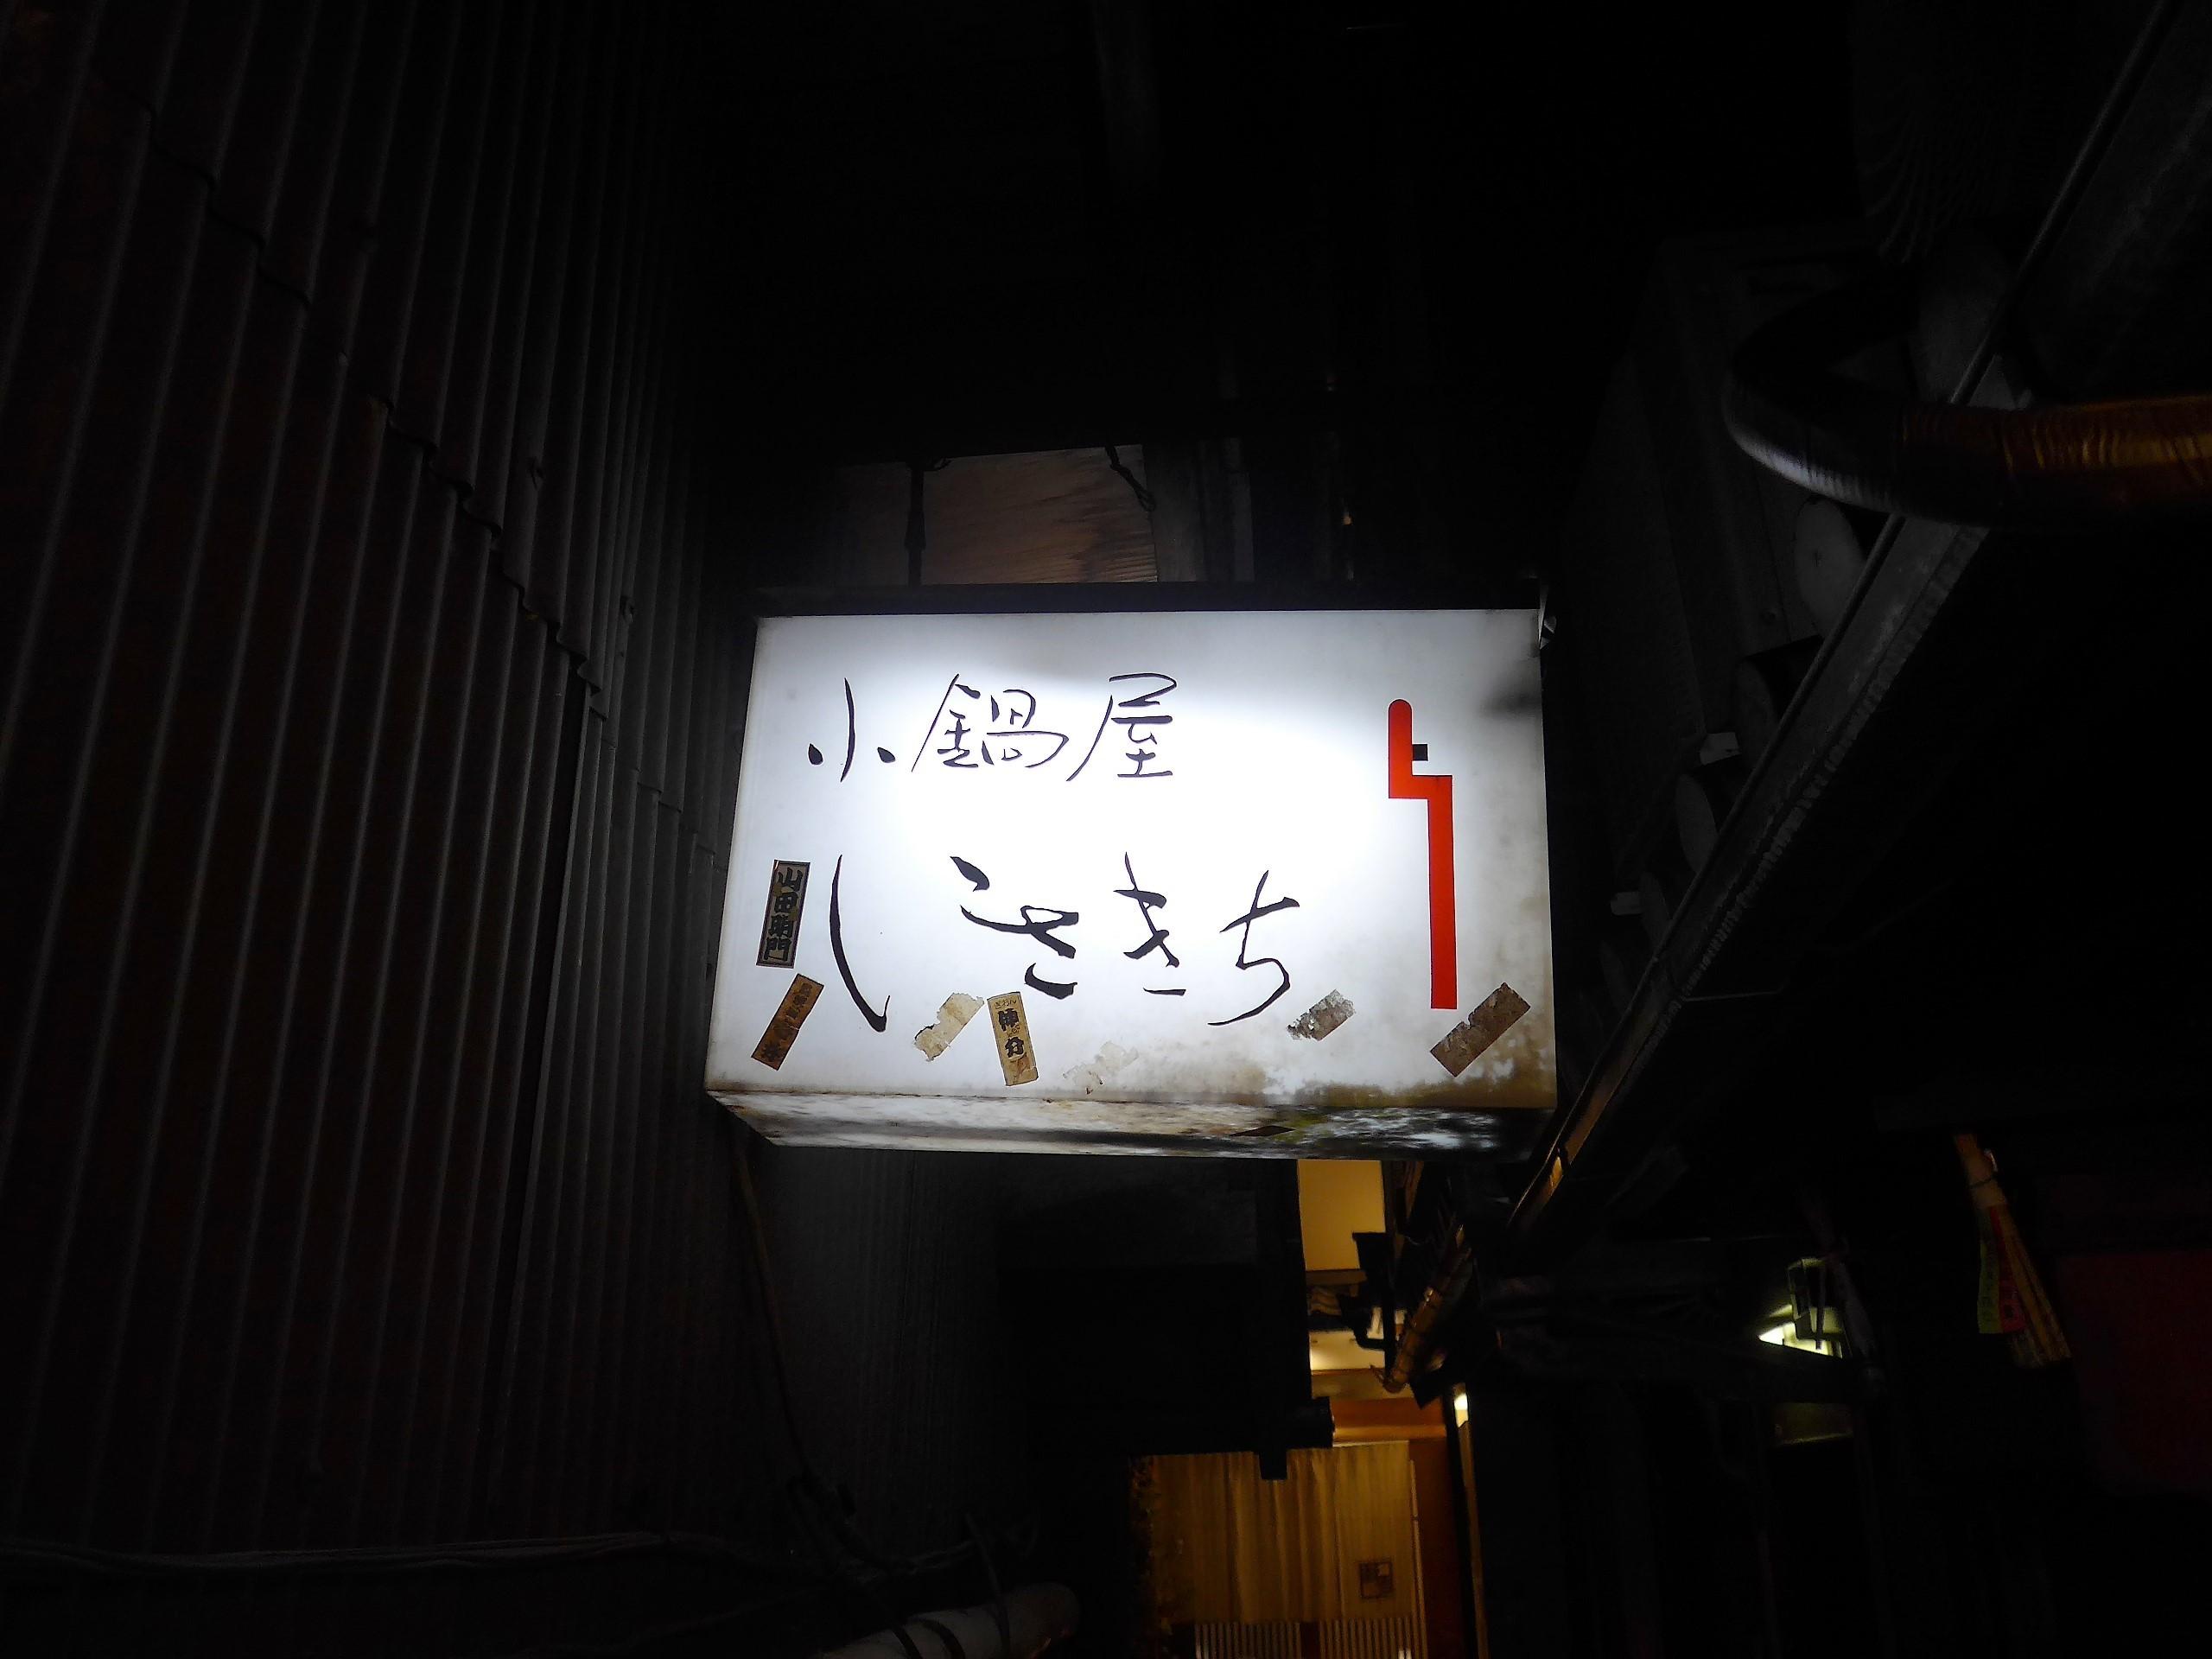 京都・祇園「小鍋屋いさきち」へ行く。_f0232060_23293710.jpg